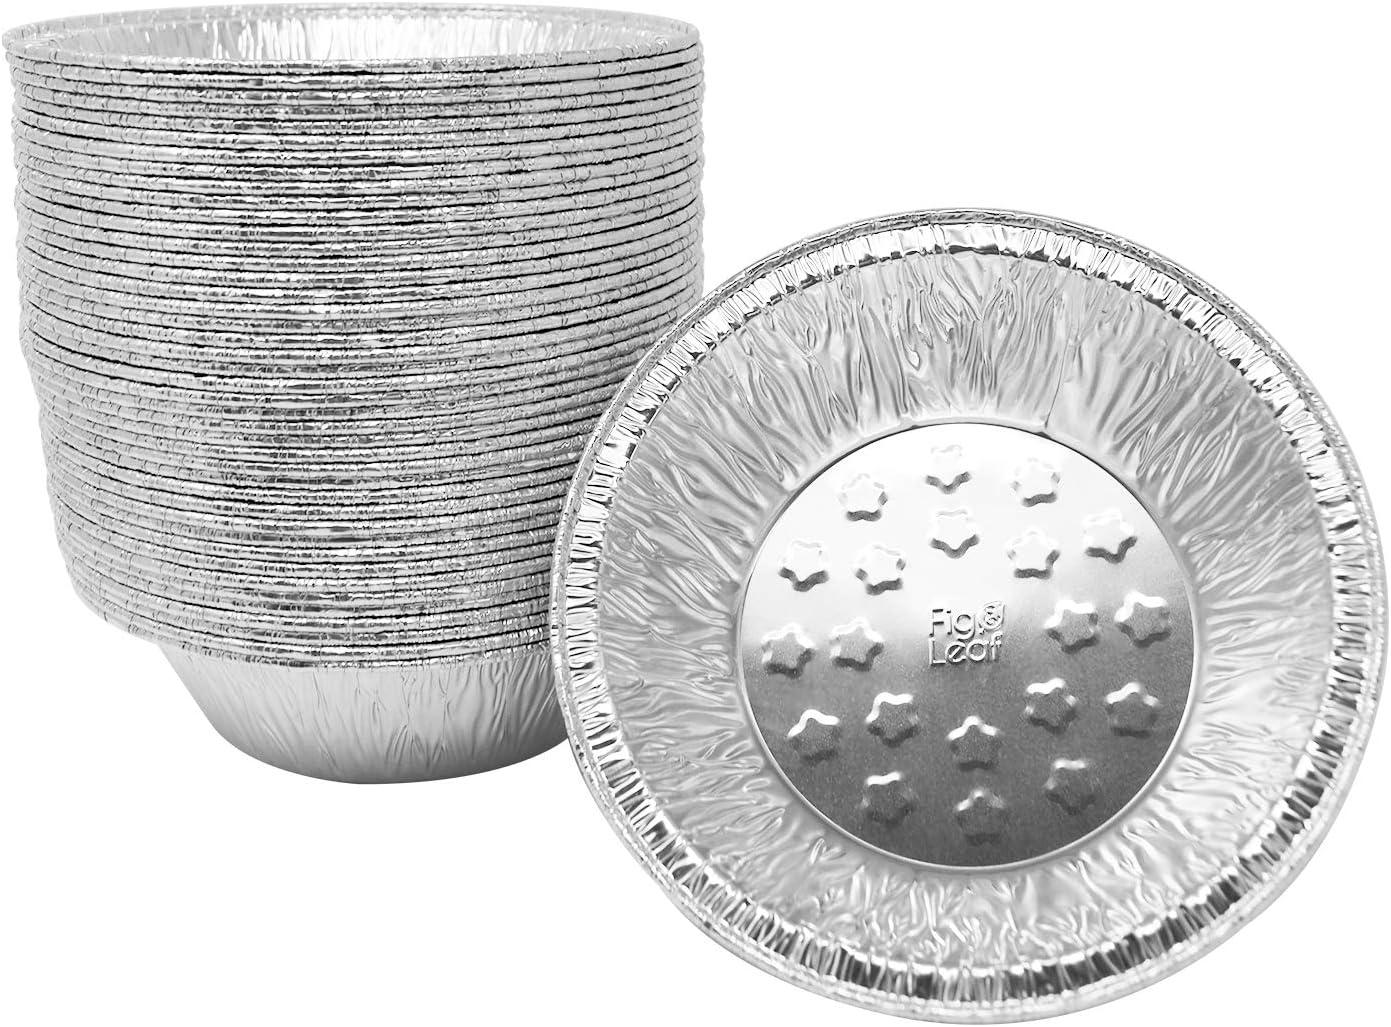 Premium 9-Inch Pie Pans l 36 Gauge l Disposable Tart Pan Tin Plates Aluminum Foil for Baking Quiche 30 Pack Fig /& Leaf